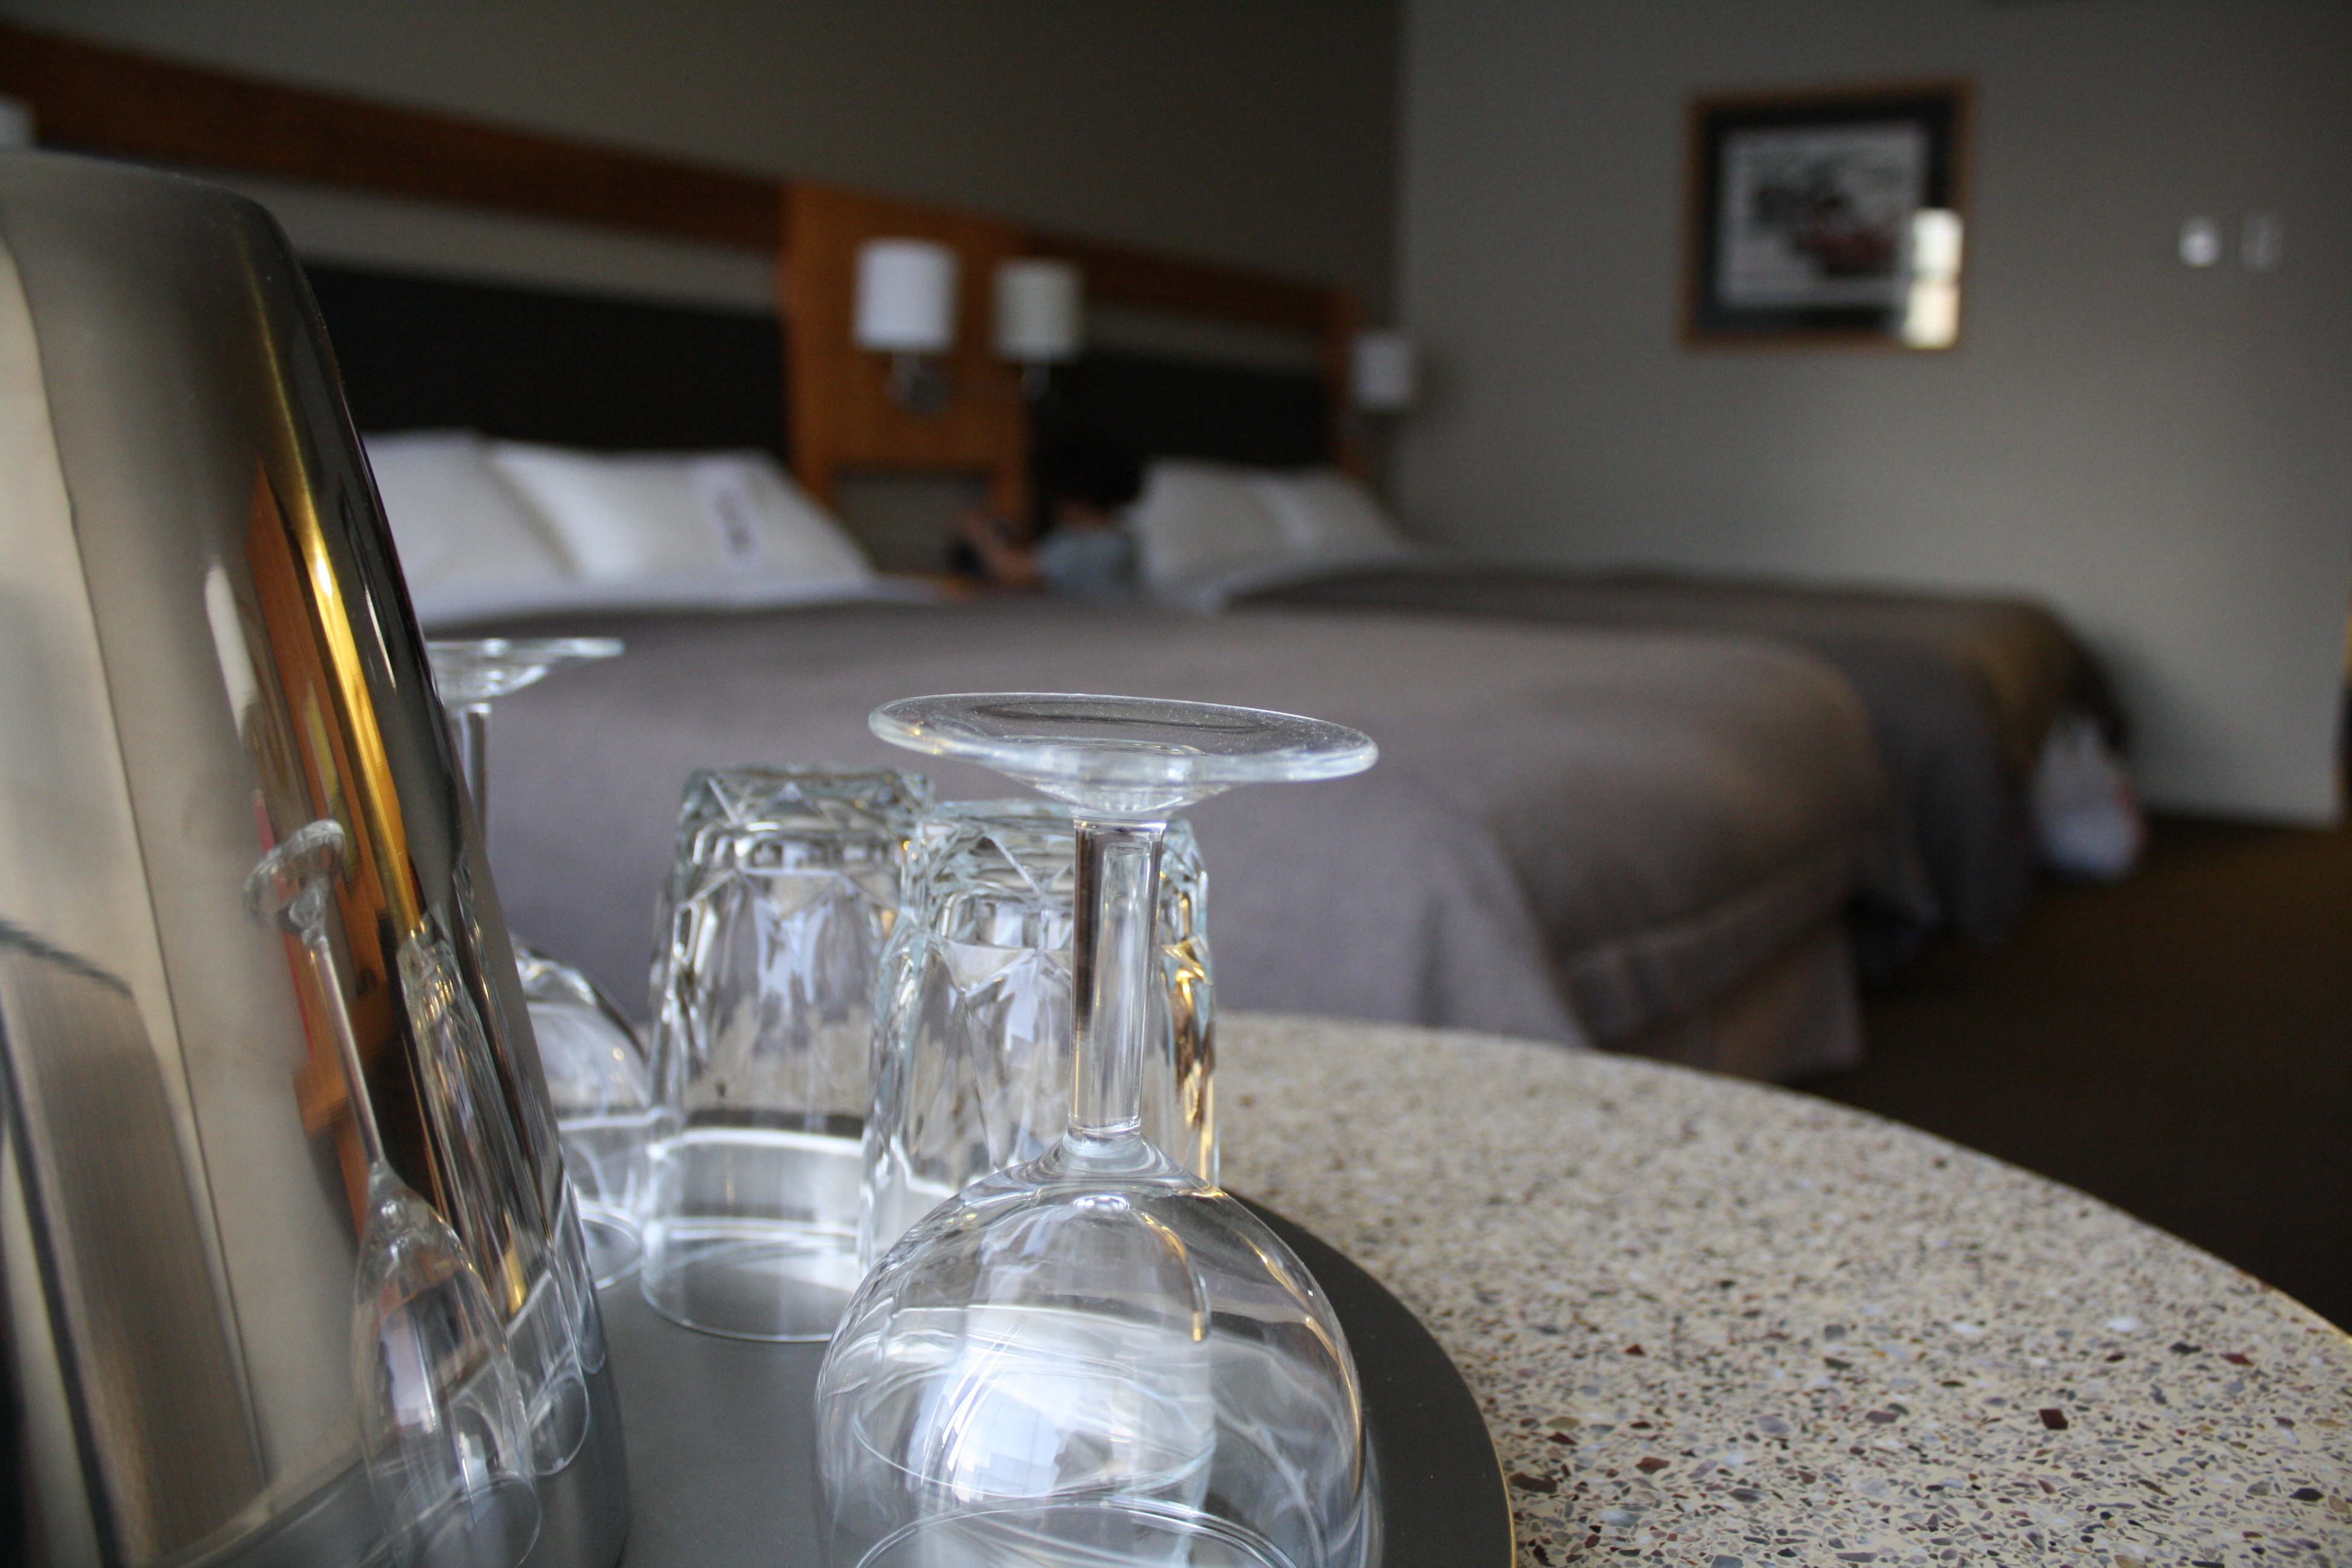 #837548 Trouver Une Chambre D'hôtel à Petit Prix Taxi Brousse 3165 prix d une petite chambre froide 3888x2592 px @ aertt.com